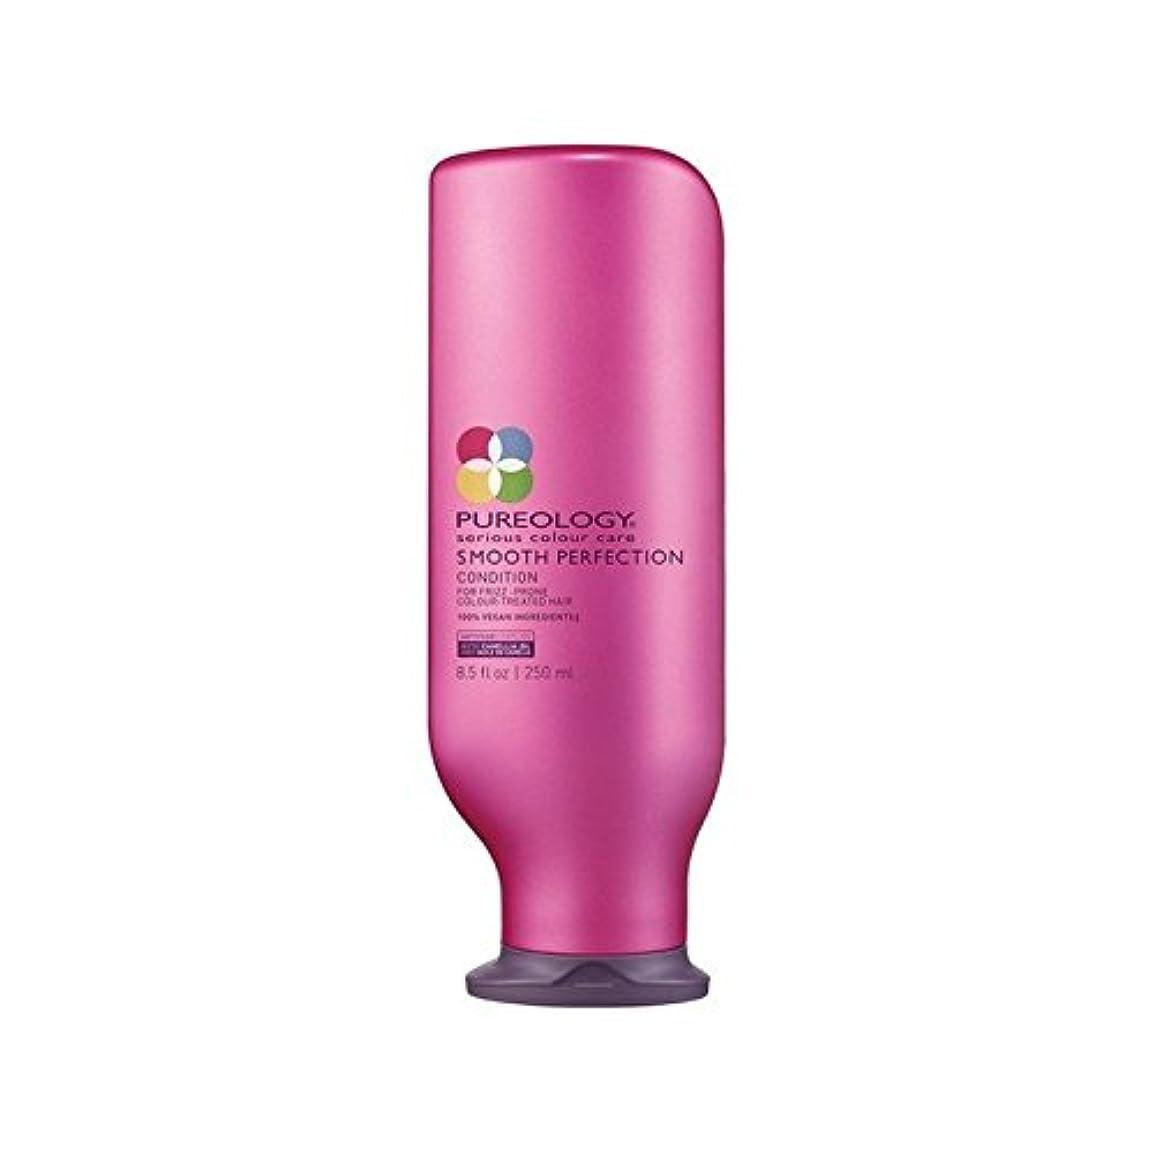 信頼できる所有権受益者Pureology Smooth Perfection Conditioner (250ml) (Pack of 6) - 平滑完全コンディショナー(250ミリリットル) x6 [並行輸入品]